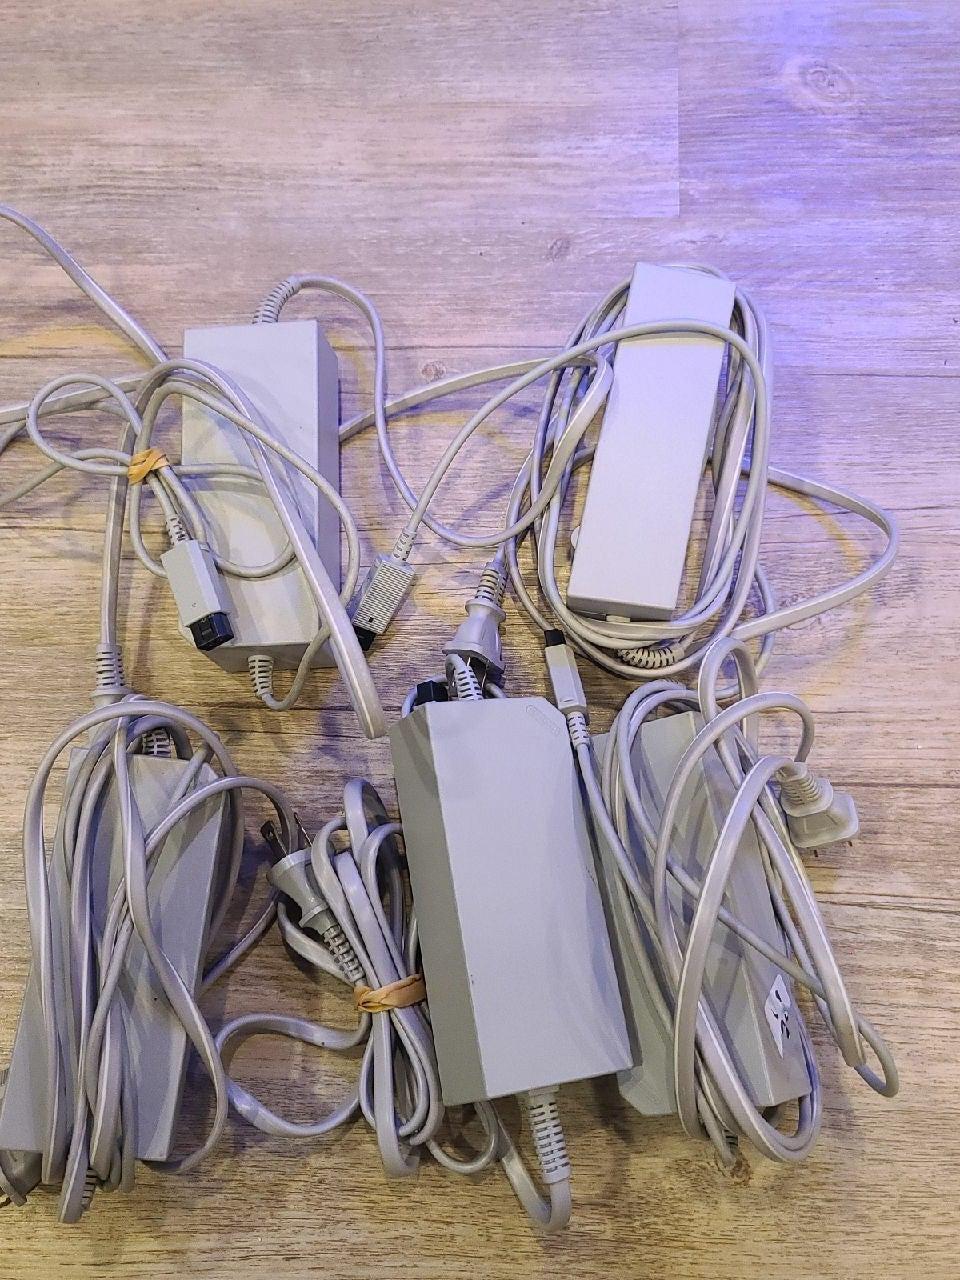 5 Nintendo Wii/WiiU power adapters OEM